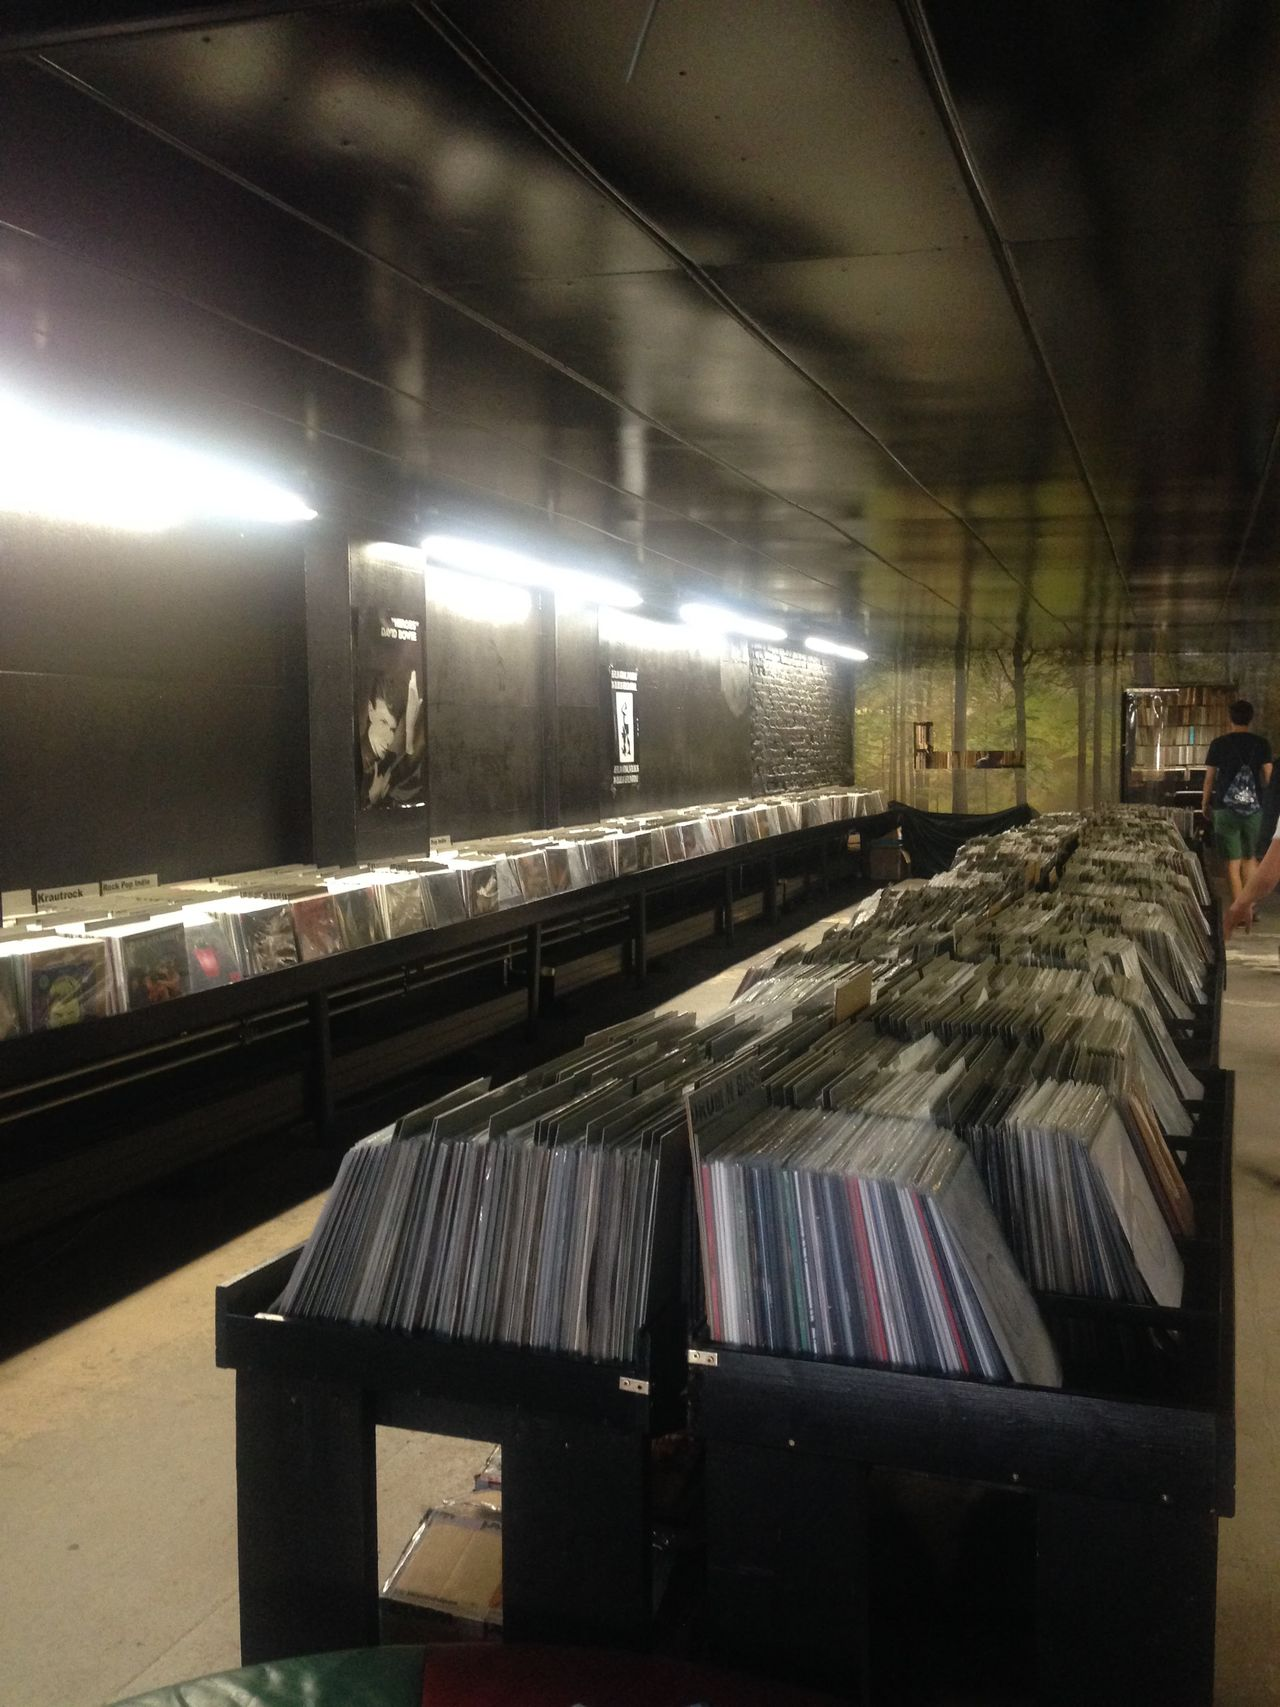 Record store in Berlin Berlin Indoors  Music Music Shop No People Record Record Shop Records Turntable Underground Vinyl Vinyls